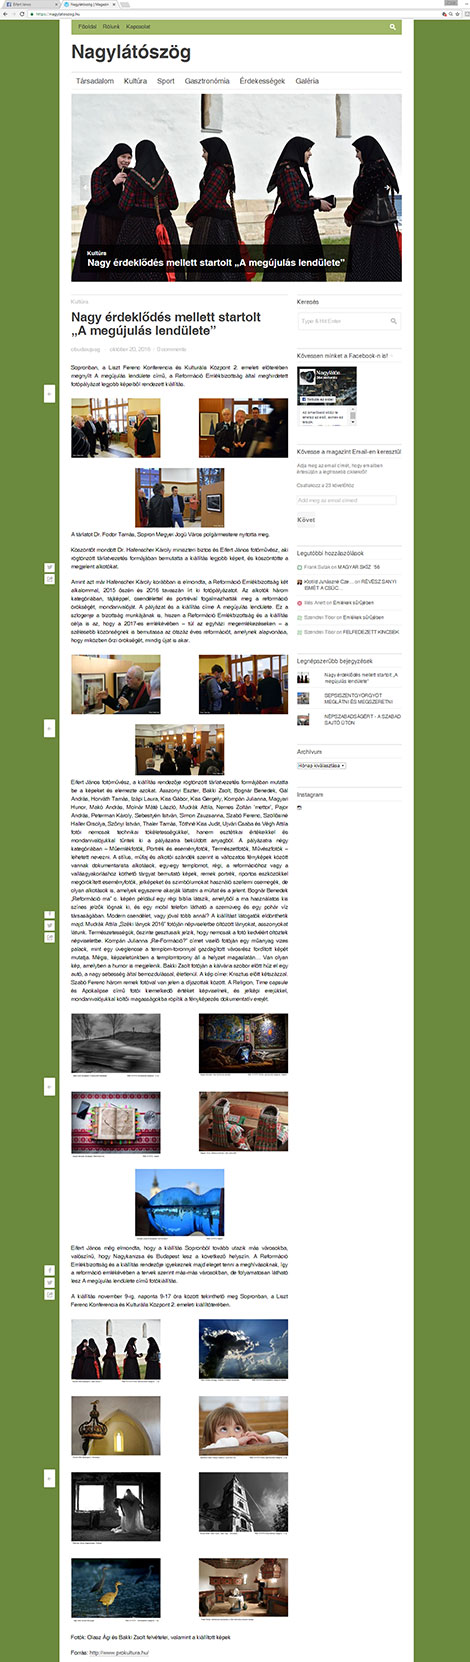 2016.10.20.-Nagylátószög_Nagy-érdeklődés-mellett-startolt-A-megújulás-lendülete